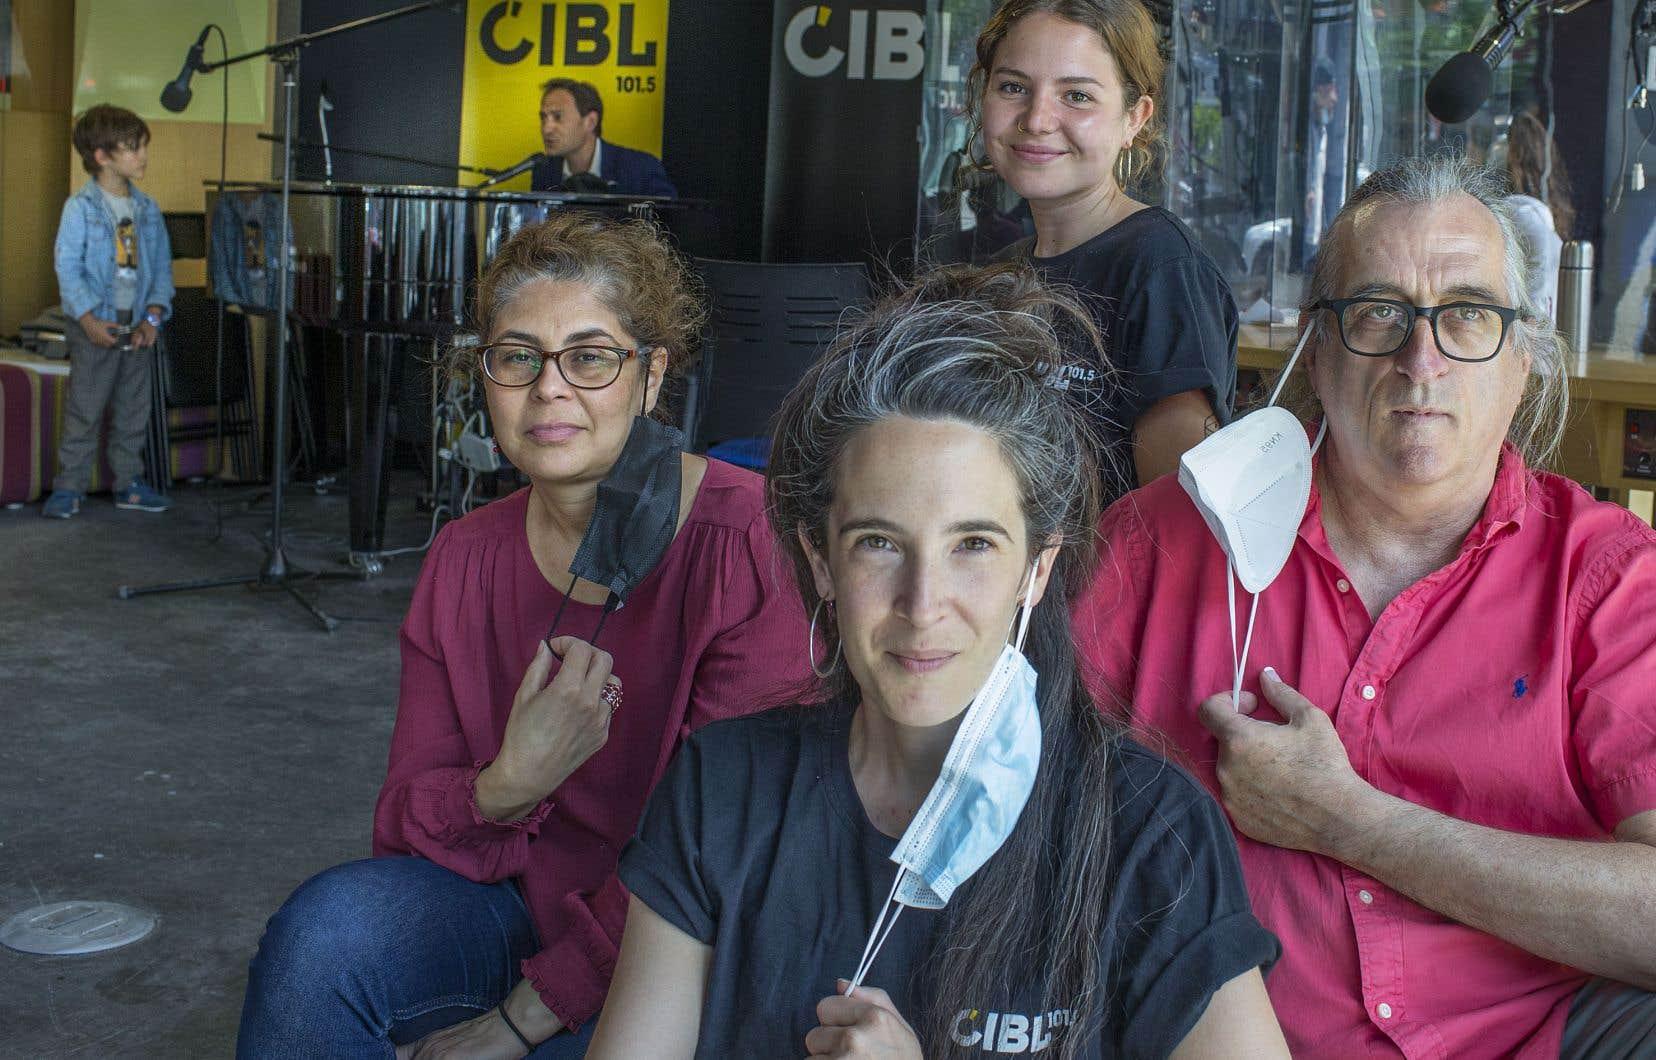 À l'avant, Amélie Moncelet, directrice générale de la station, avec son équipe composée d'Amel Niboucha (à gauche), d'Elise Thompson (au centre à l'arrière) et de Maurice Bolduc (à droite)